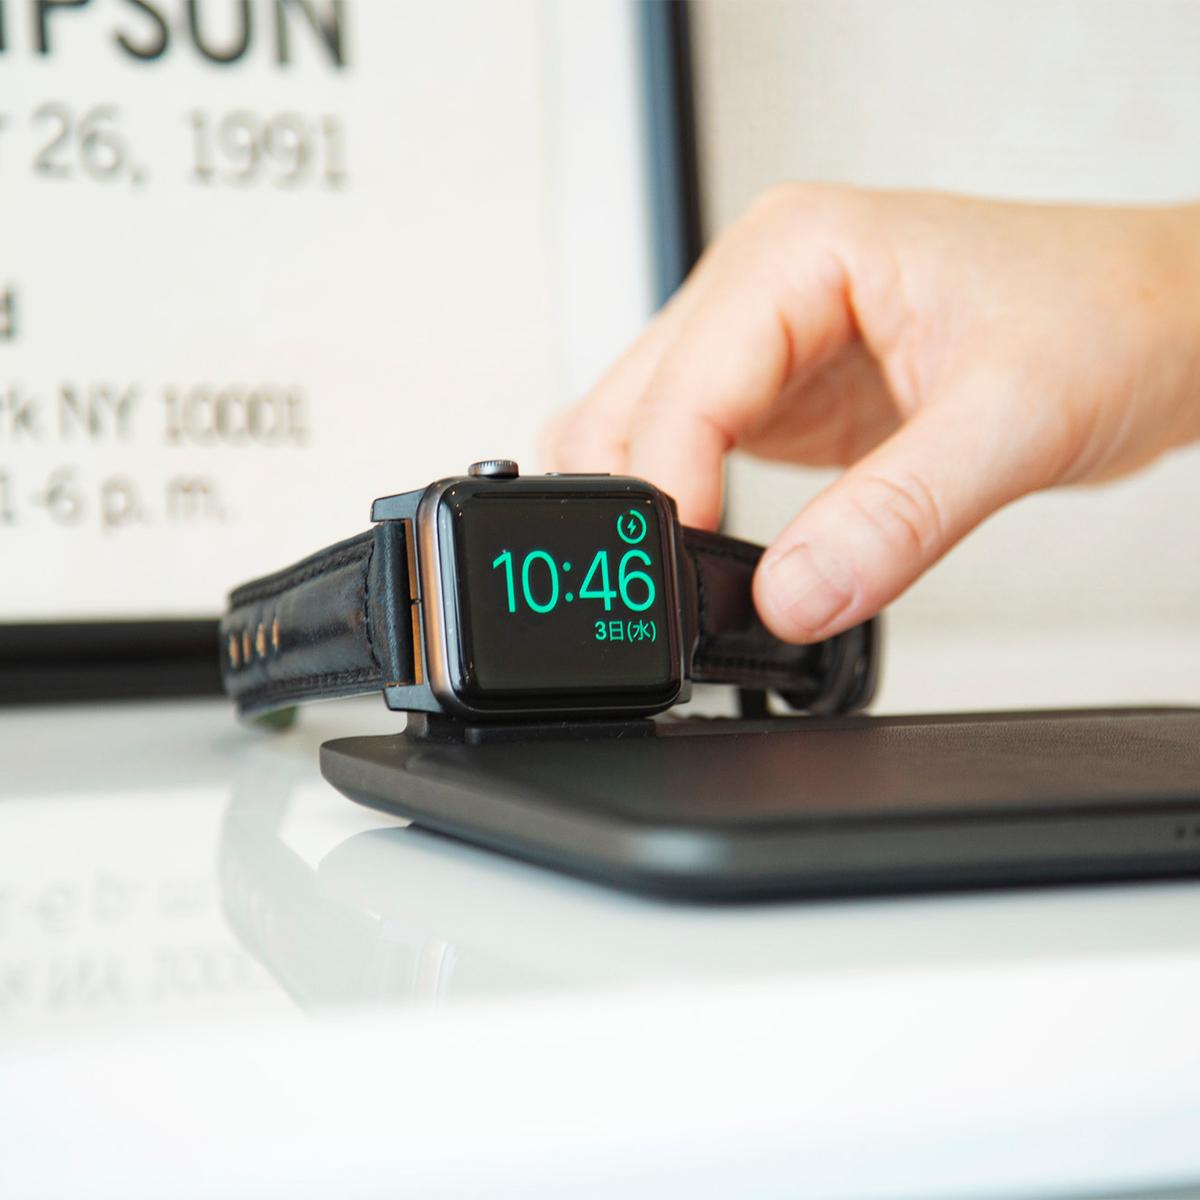 安心して使える「MFi認証」製品。Apple社が定めた性能基準を満たす「MFi認証」済みの製品(Apple公式認定品)の「ワイヤレス充電ベース」Base Station(Apple Watch Edition)| NOMAD